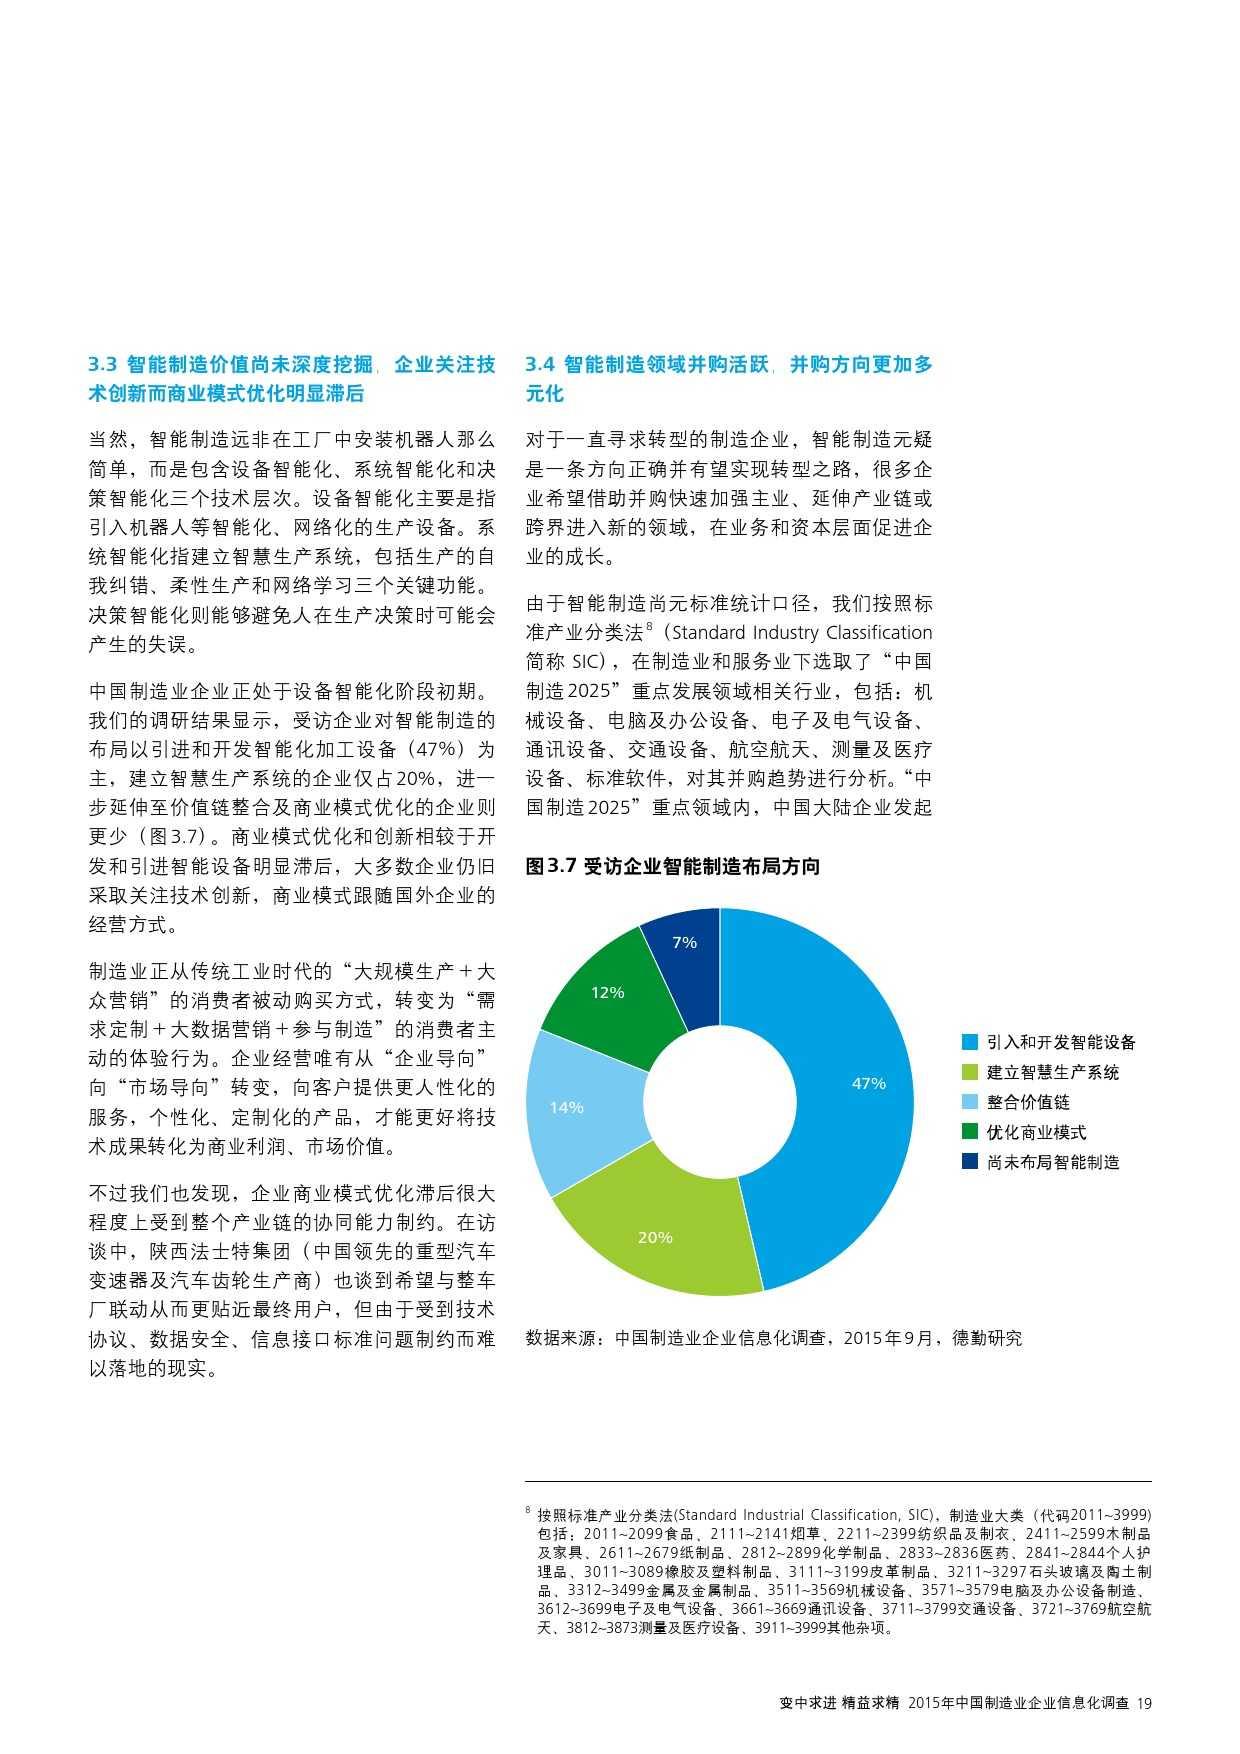 2015年中国制造业企业信息化调查_000021